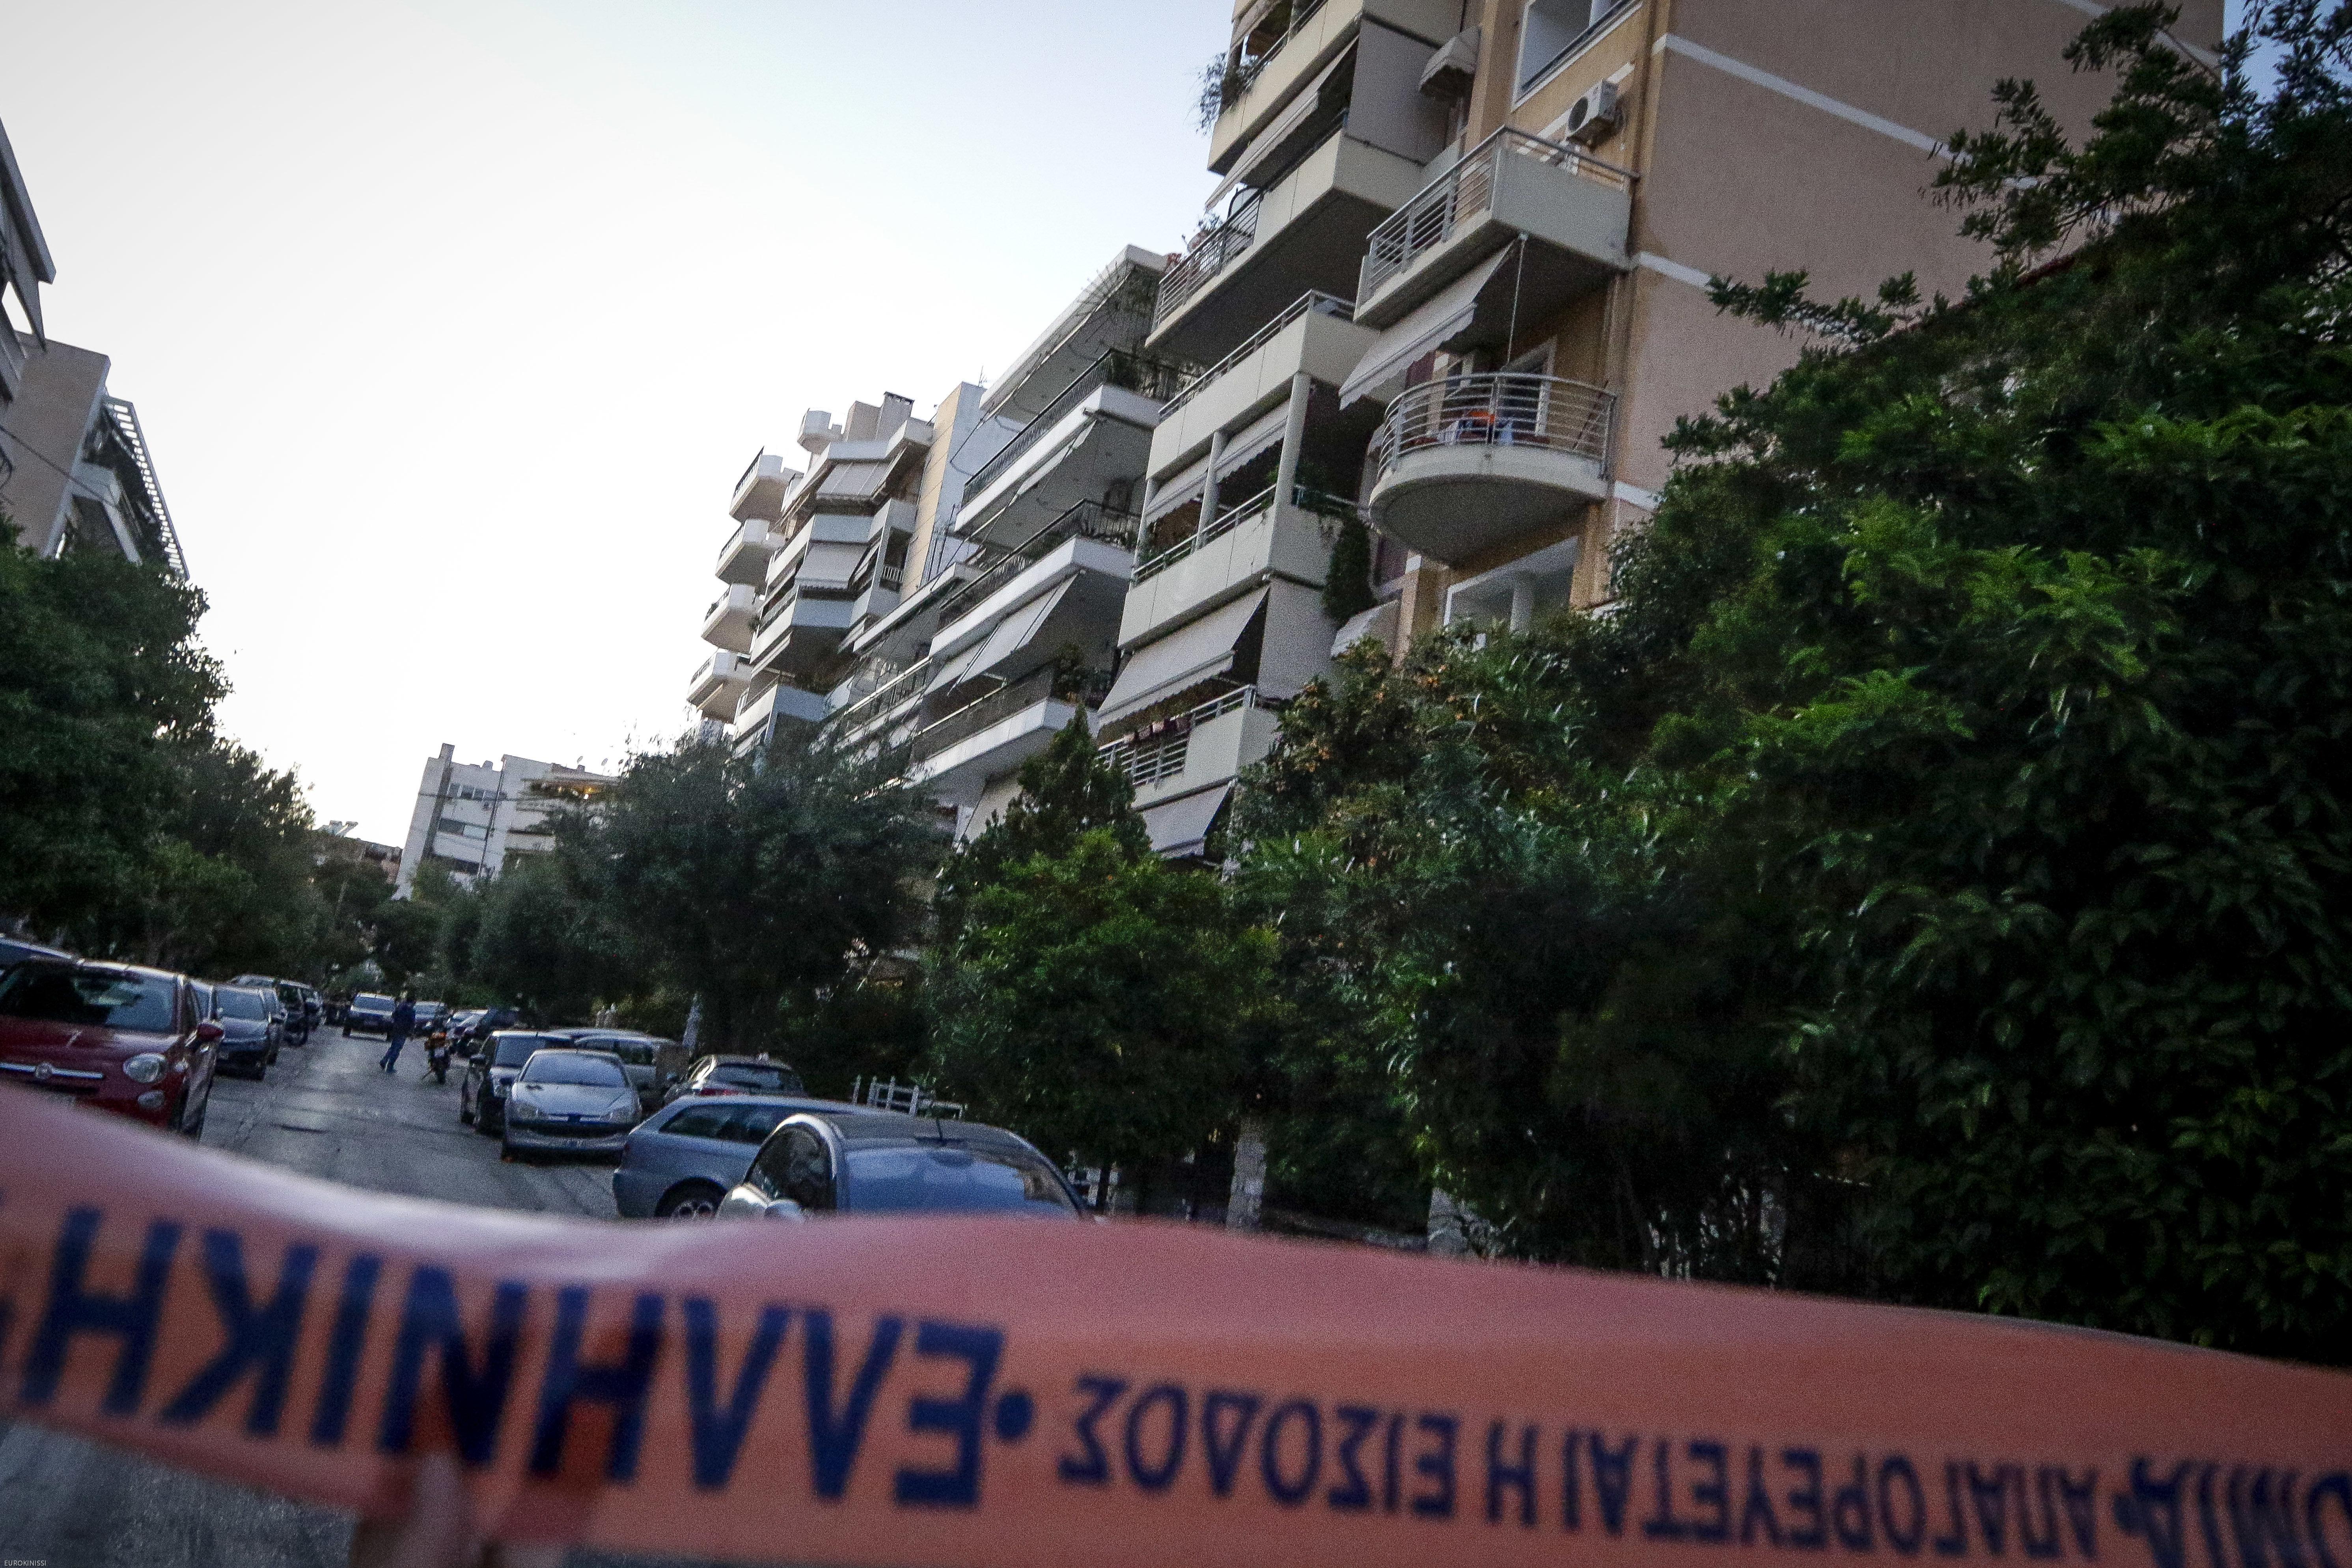 Με 38 μαχαιριές δολοφόνησε τη μητέρα του ο 34χρονος στη Νέα